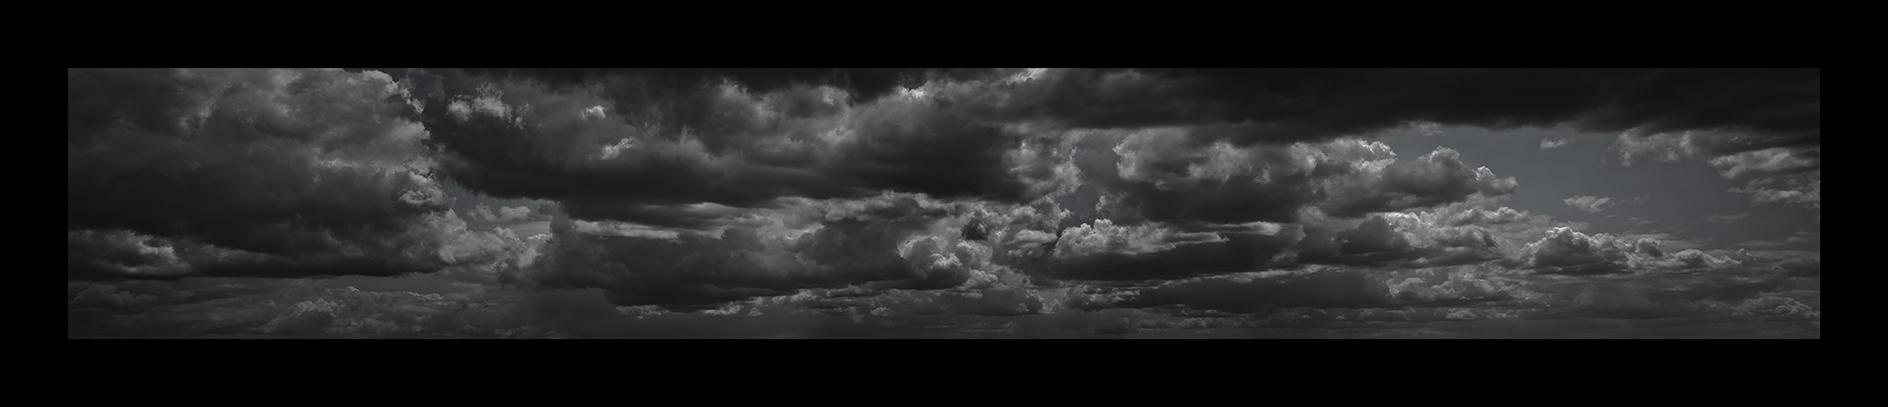 Cloud Panorama by Nicholas M Vivian